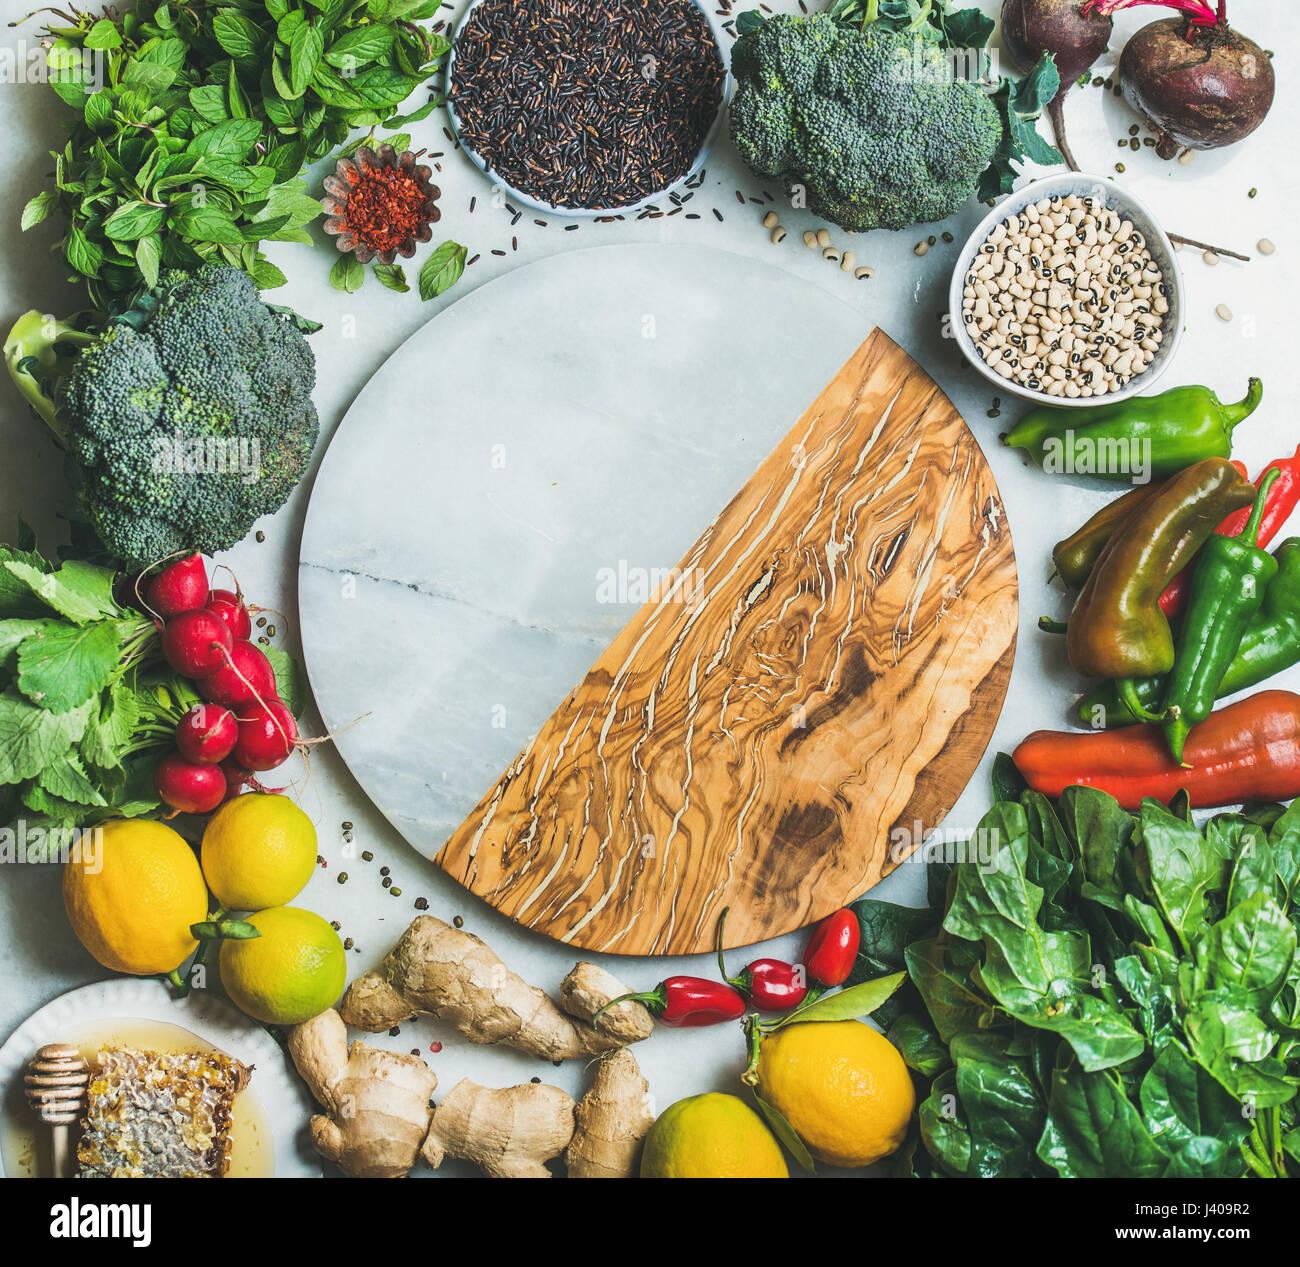 Comer sano limpio ingredientes de cocina con espacio de copia en el centro Imagen De Stock